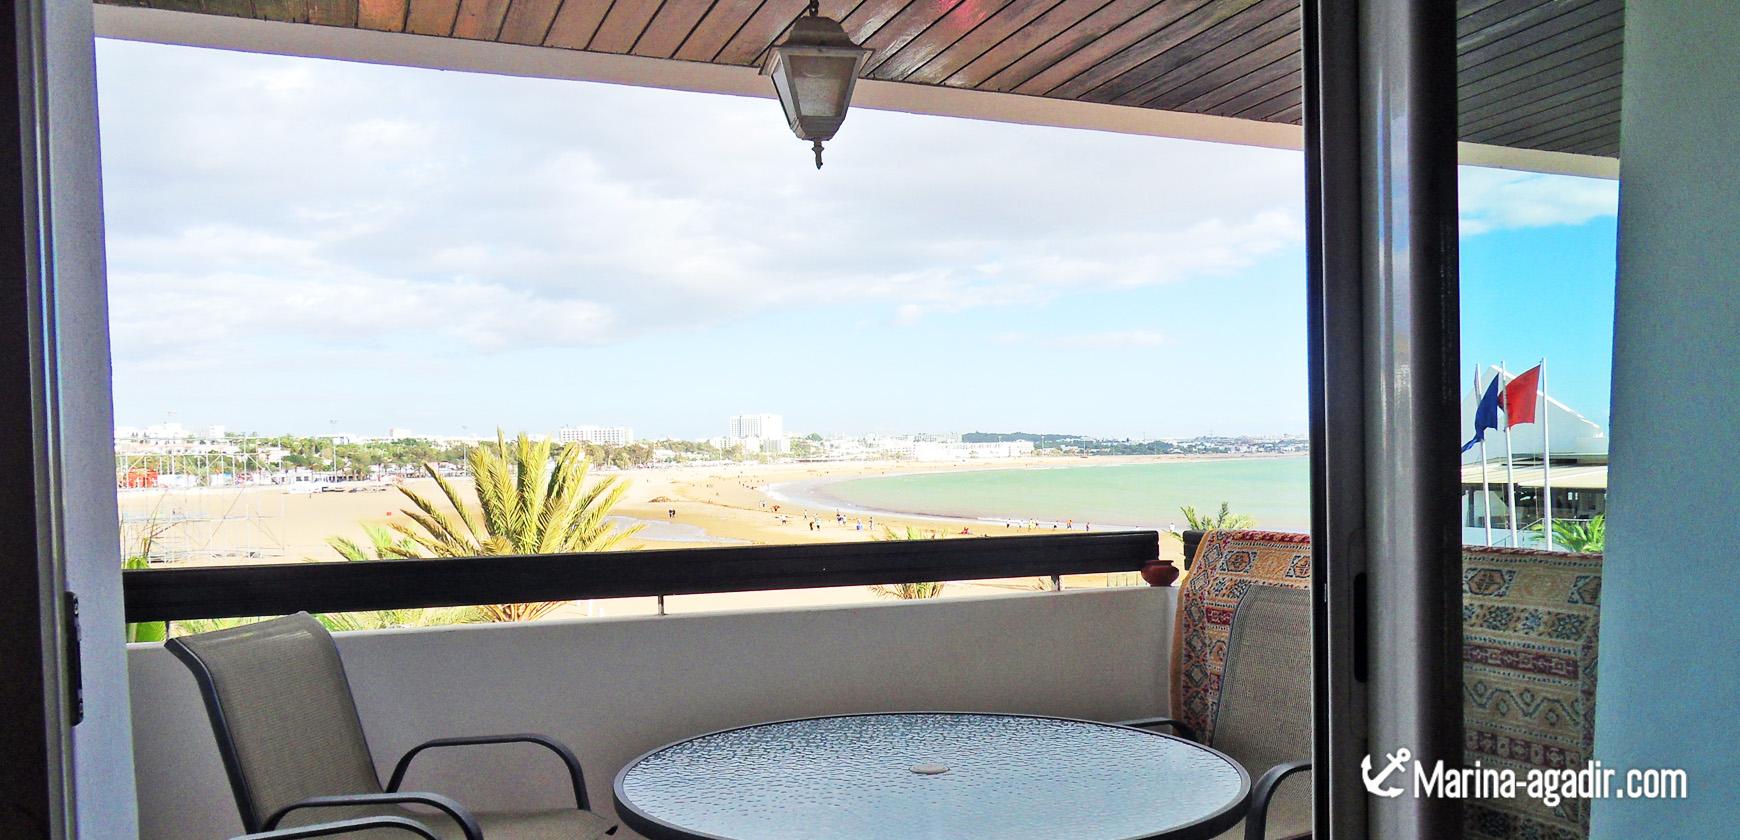 Appartement a Vendre Marina Agadir V9